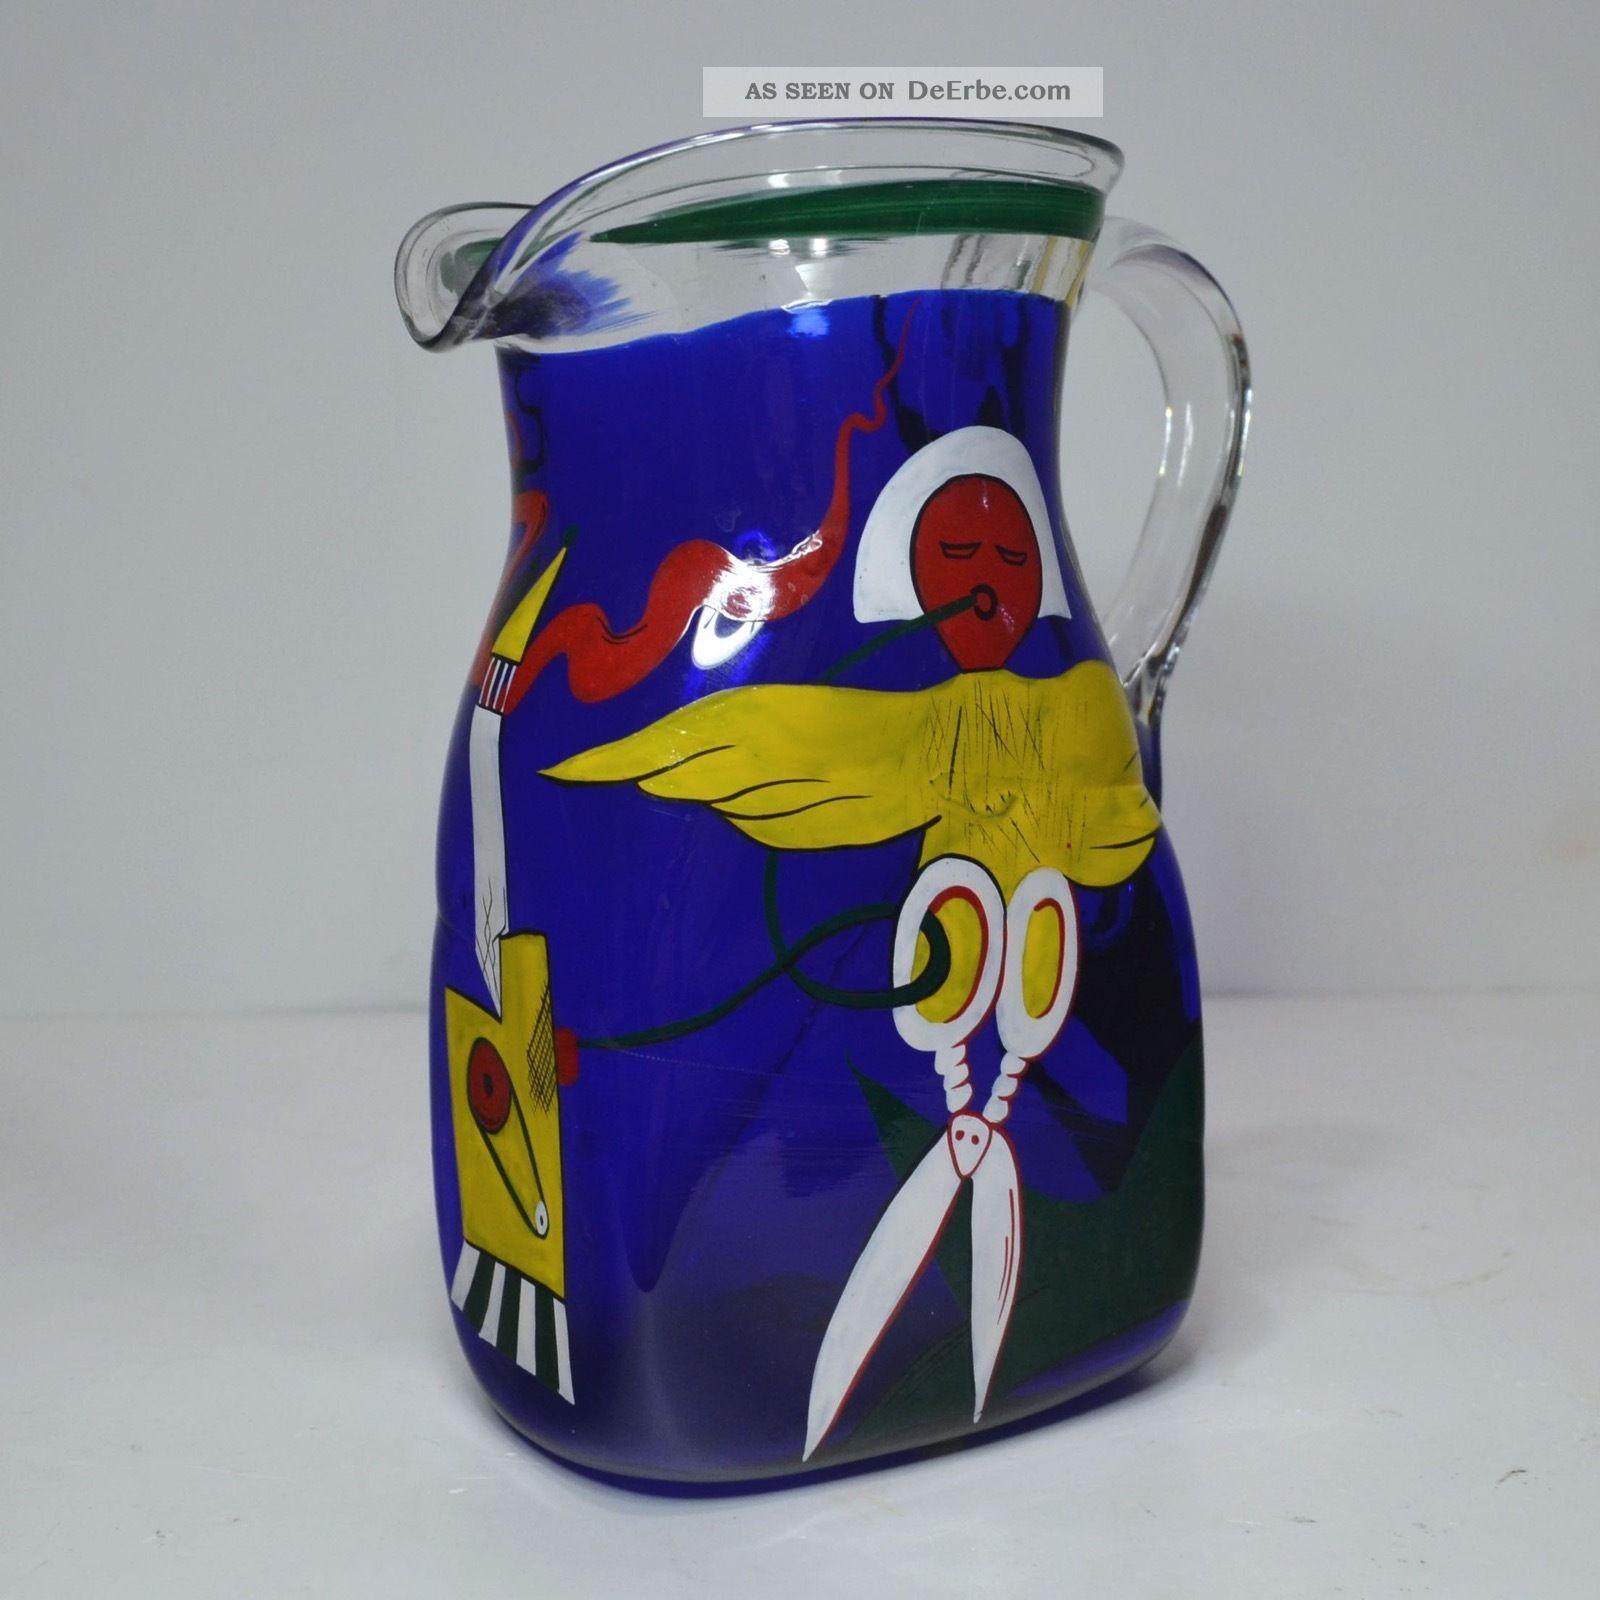 Künstler - Kanne Entw.  Christian Schlag F.  Glashütte Eisch 1993 Schneider V.  Ulm Sammlerglas Bild